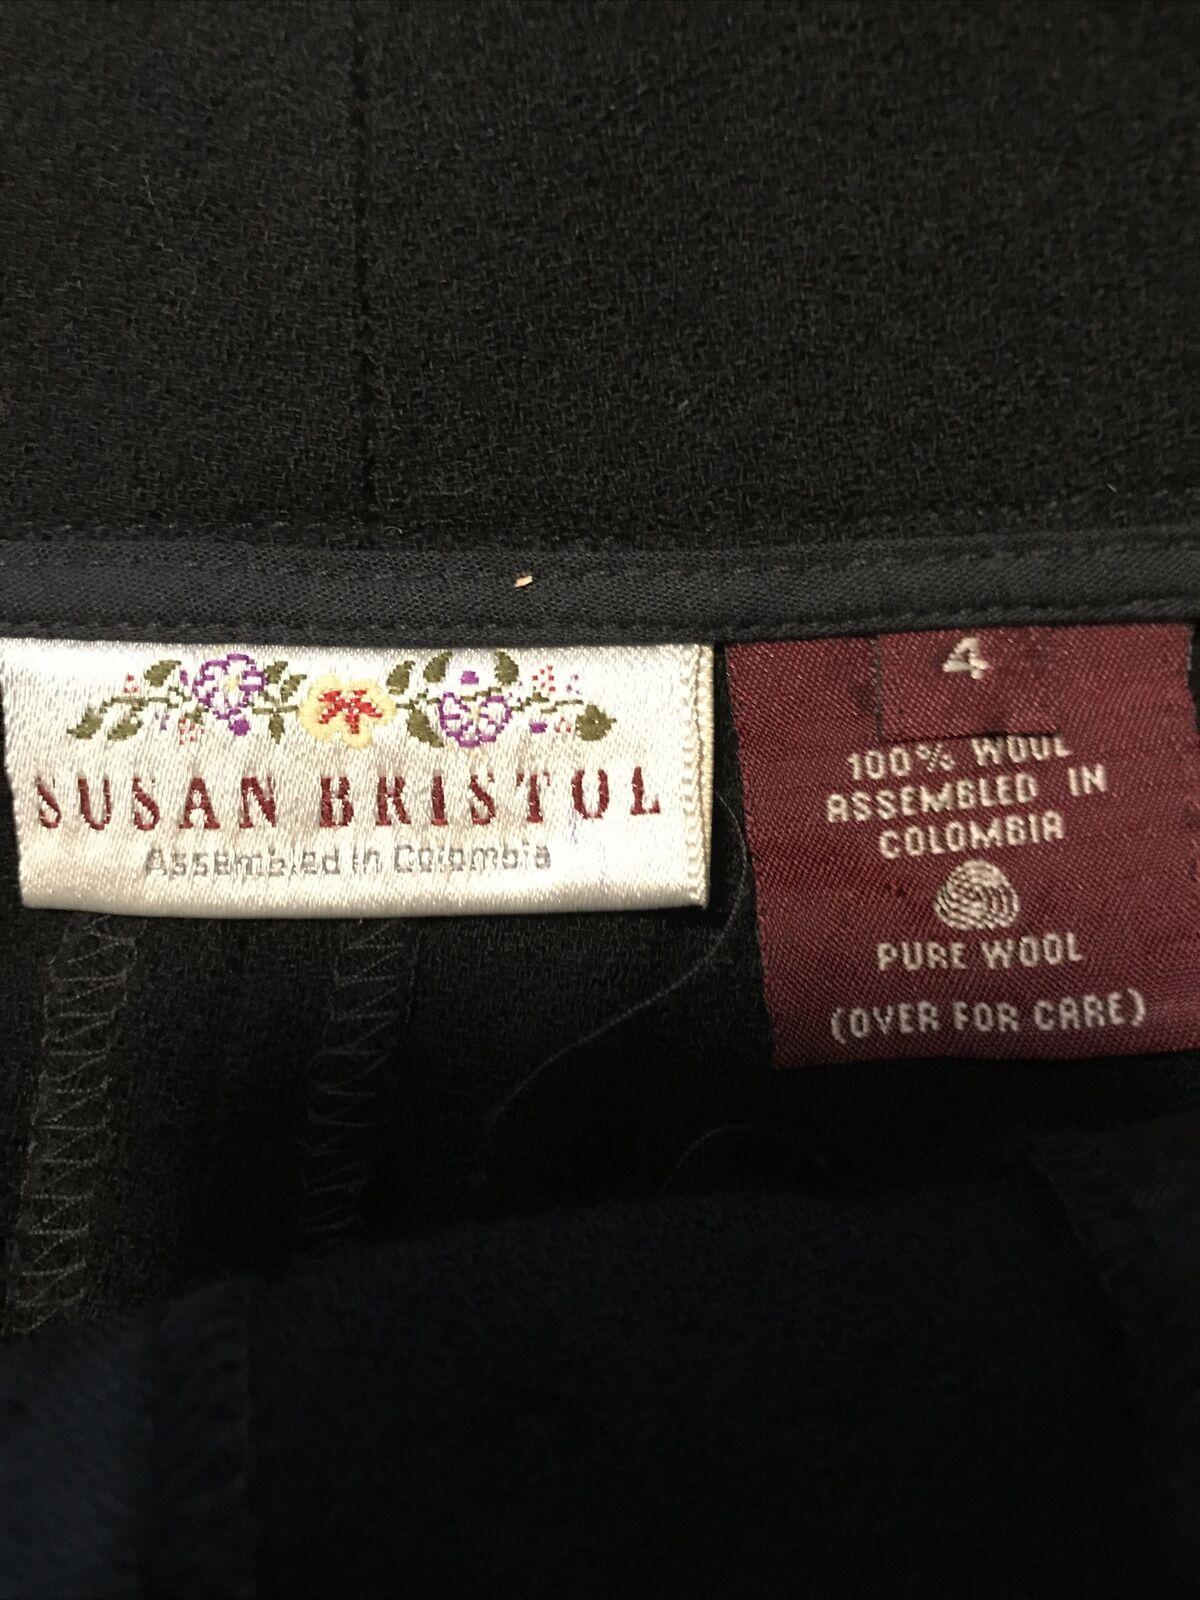 Susan Bristol Gouchos - image 3